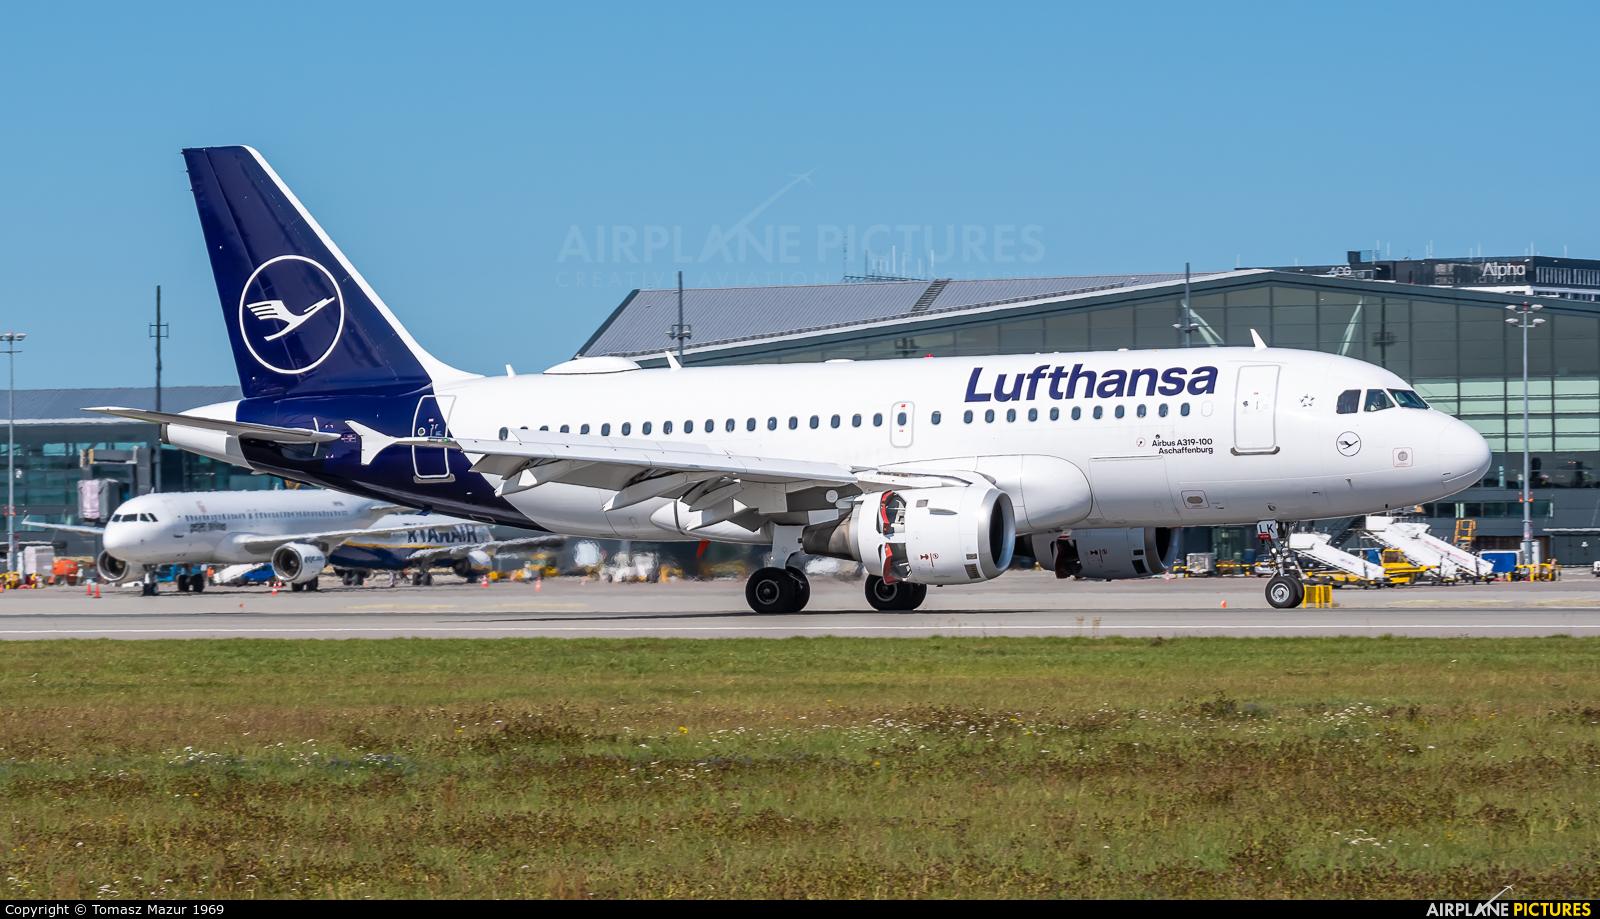 Lufthansa D-AILK aircraft at Gdańsk - Lech Wałęsa